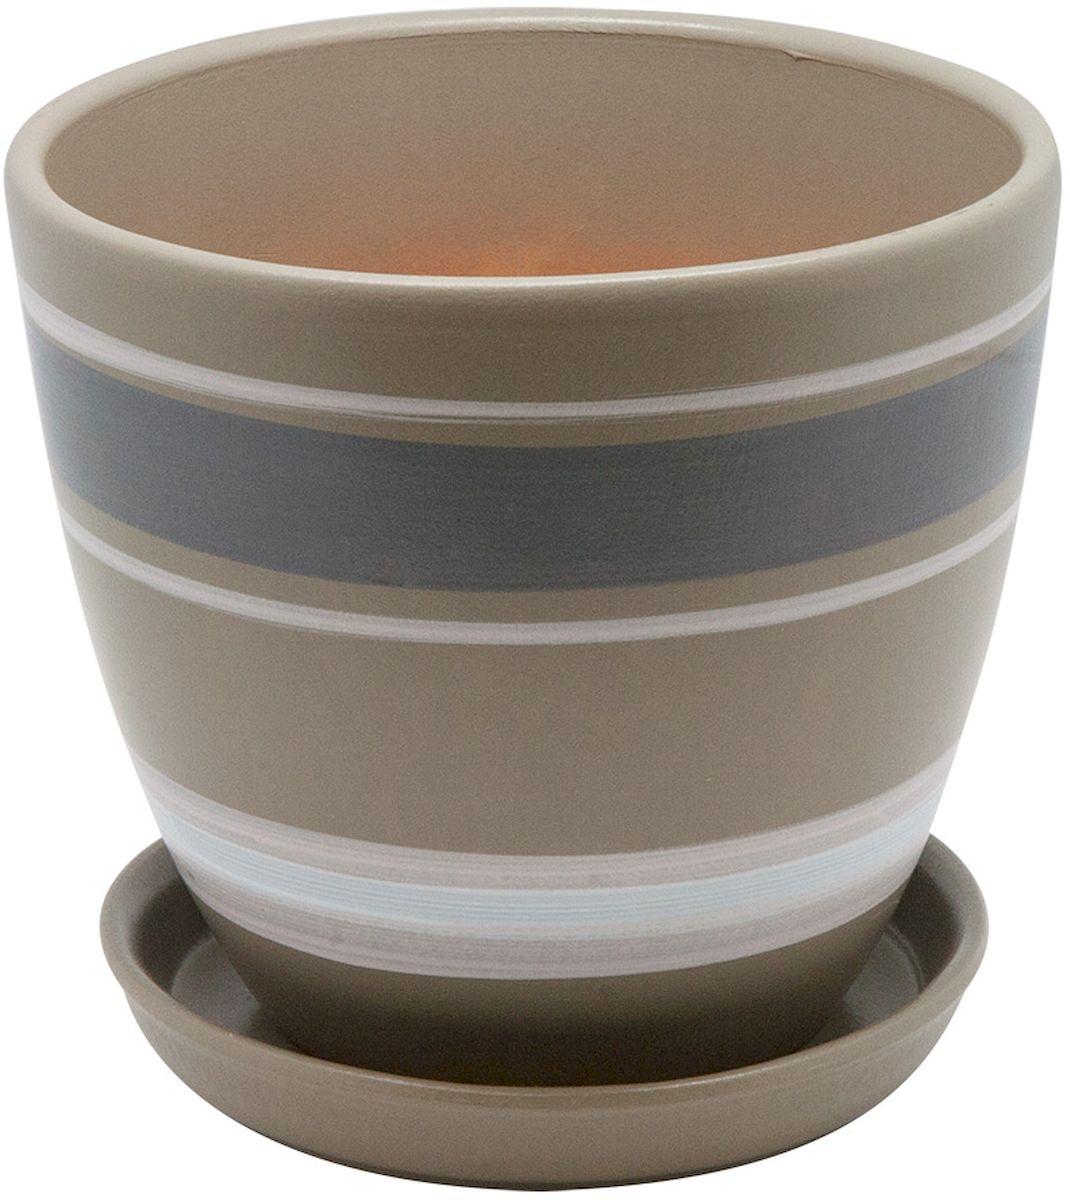 Горшок цветочный Engard, с поддоном, цвет: серый, белый, 2,4 лC0038550Керамический горшок - это идеальное решение для выращивания комнатных растений и создания изысканности в интерьере. Керамический горшок сделан из высококачественной глины в классической форме и оригинальном дизайне.